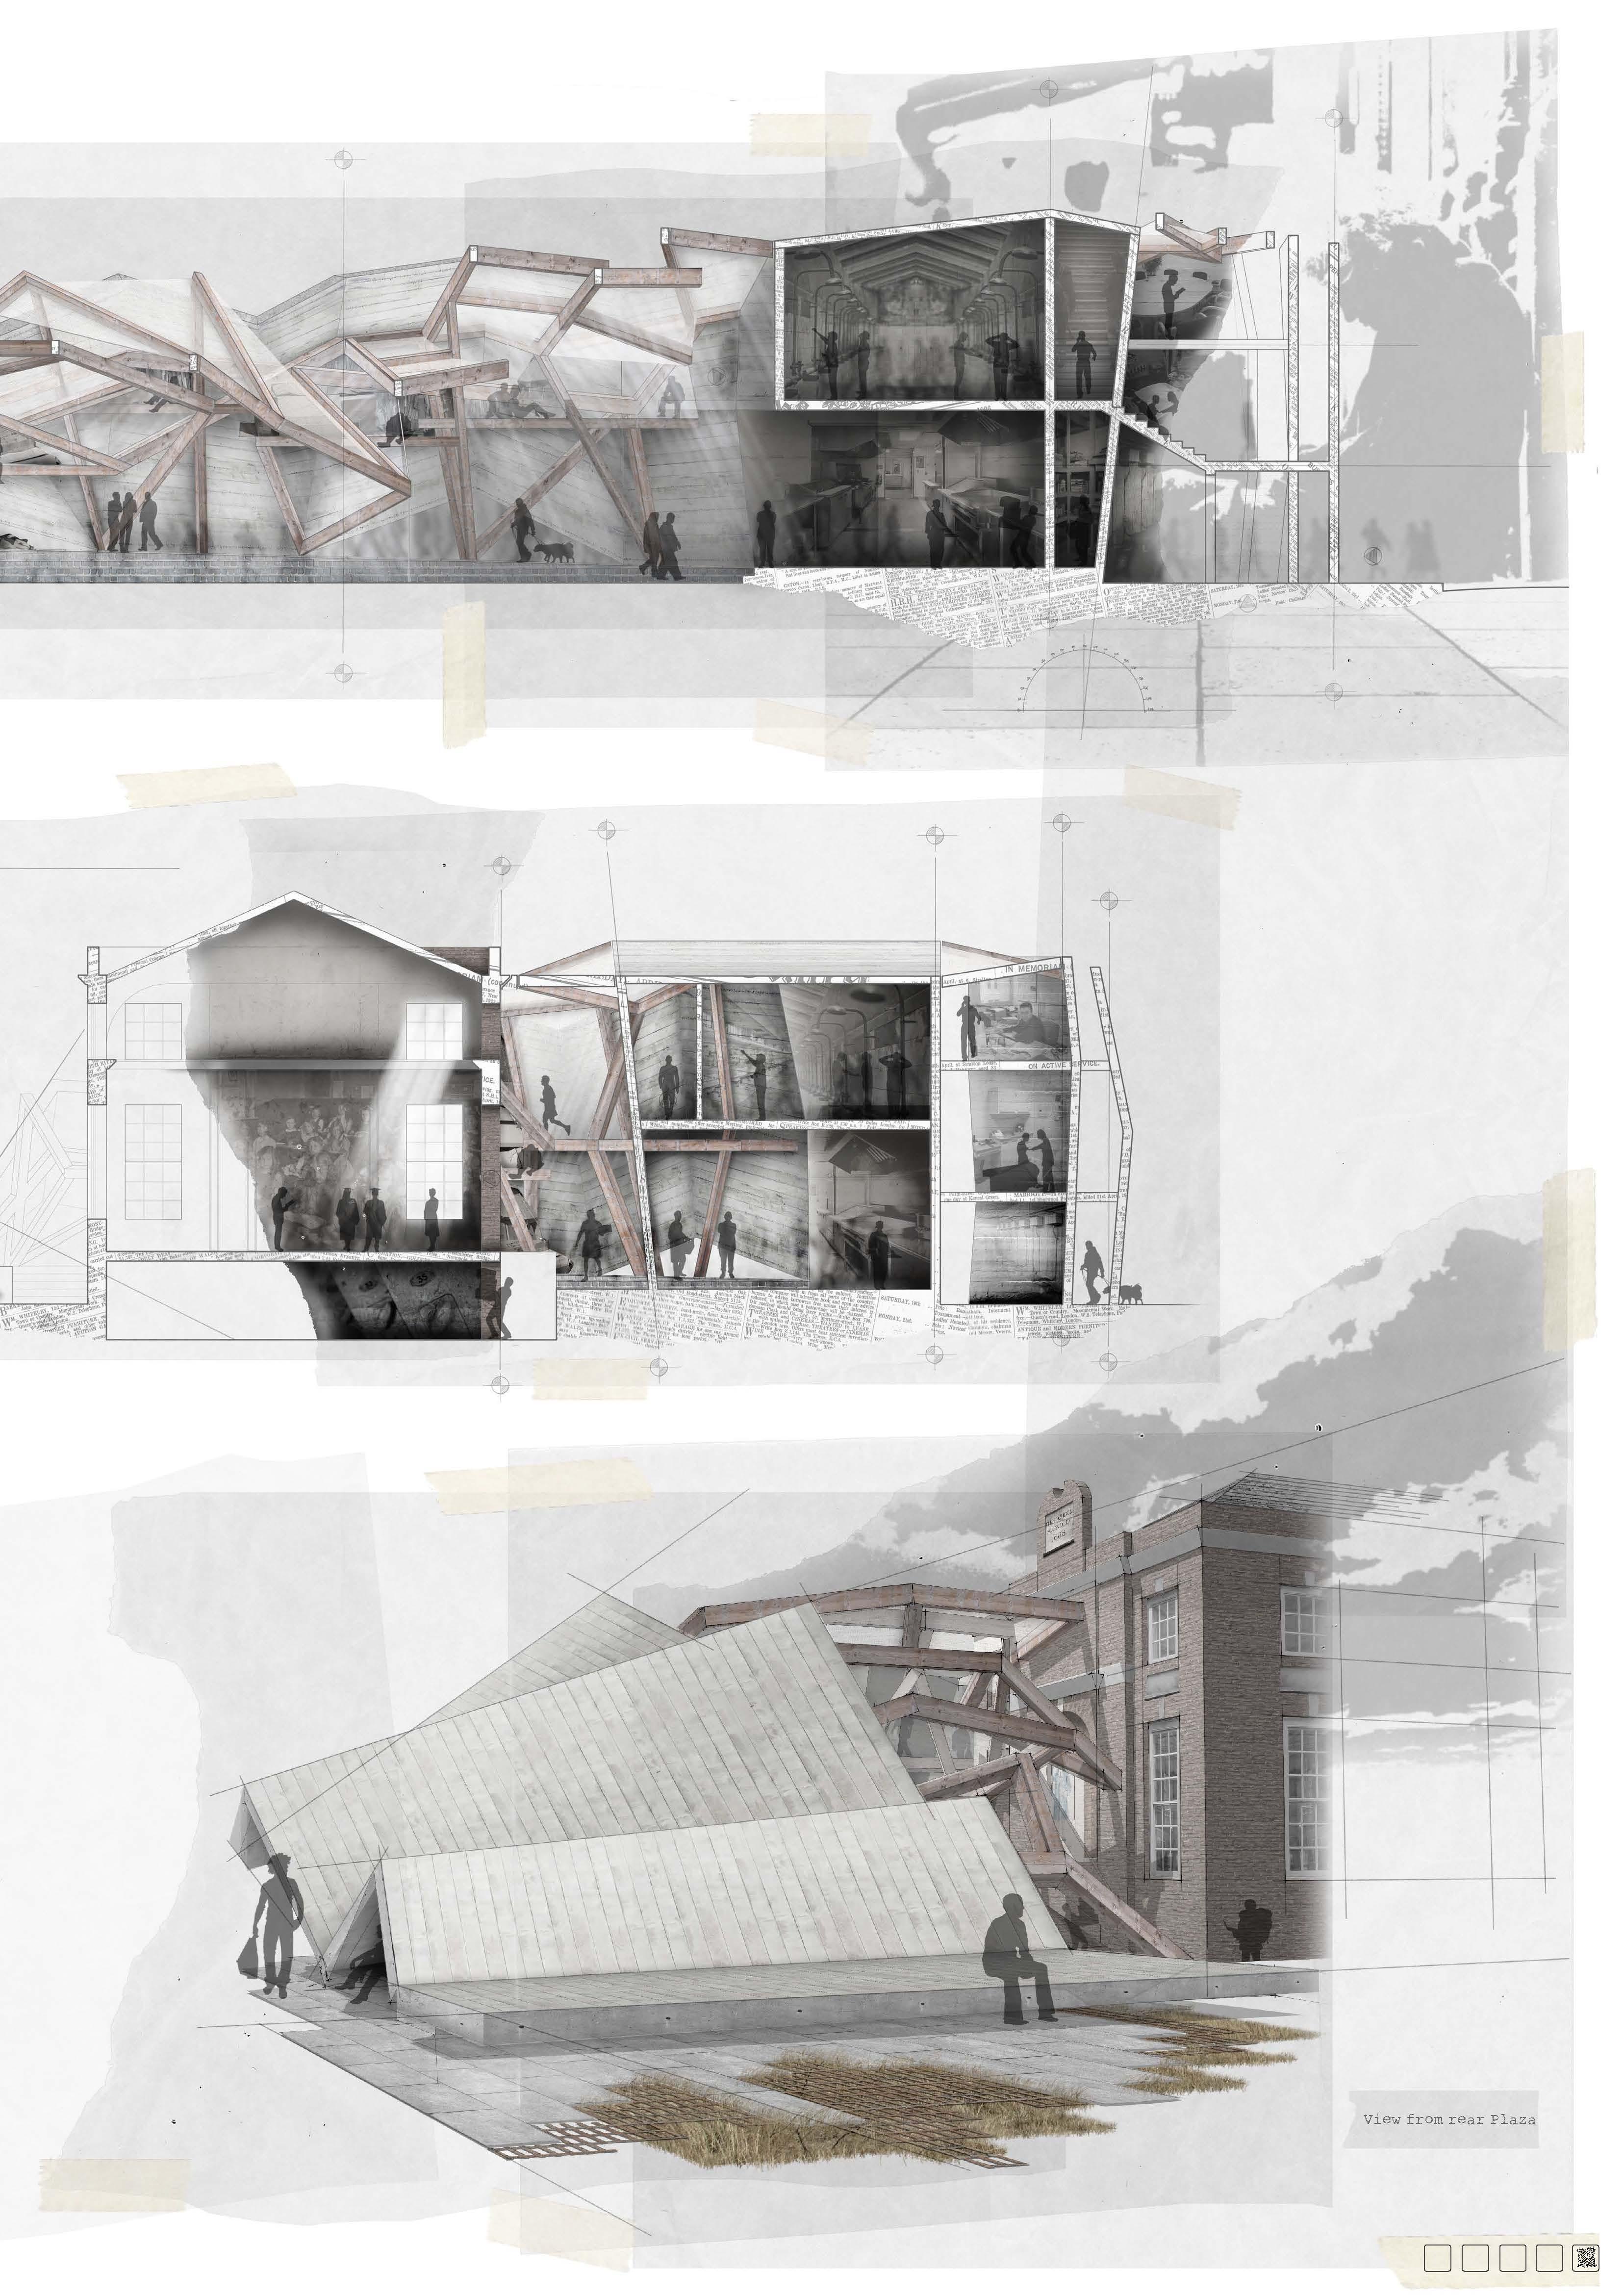 design explore the application of biomimicry in architecture ...